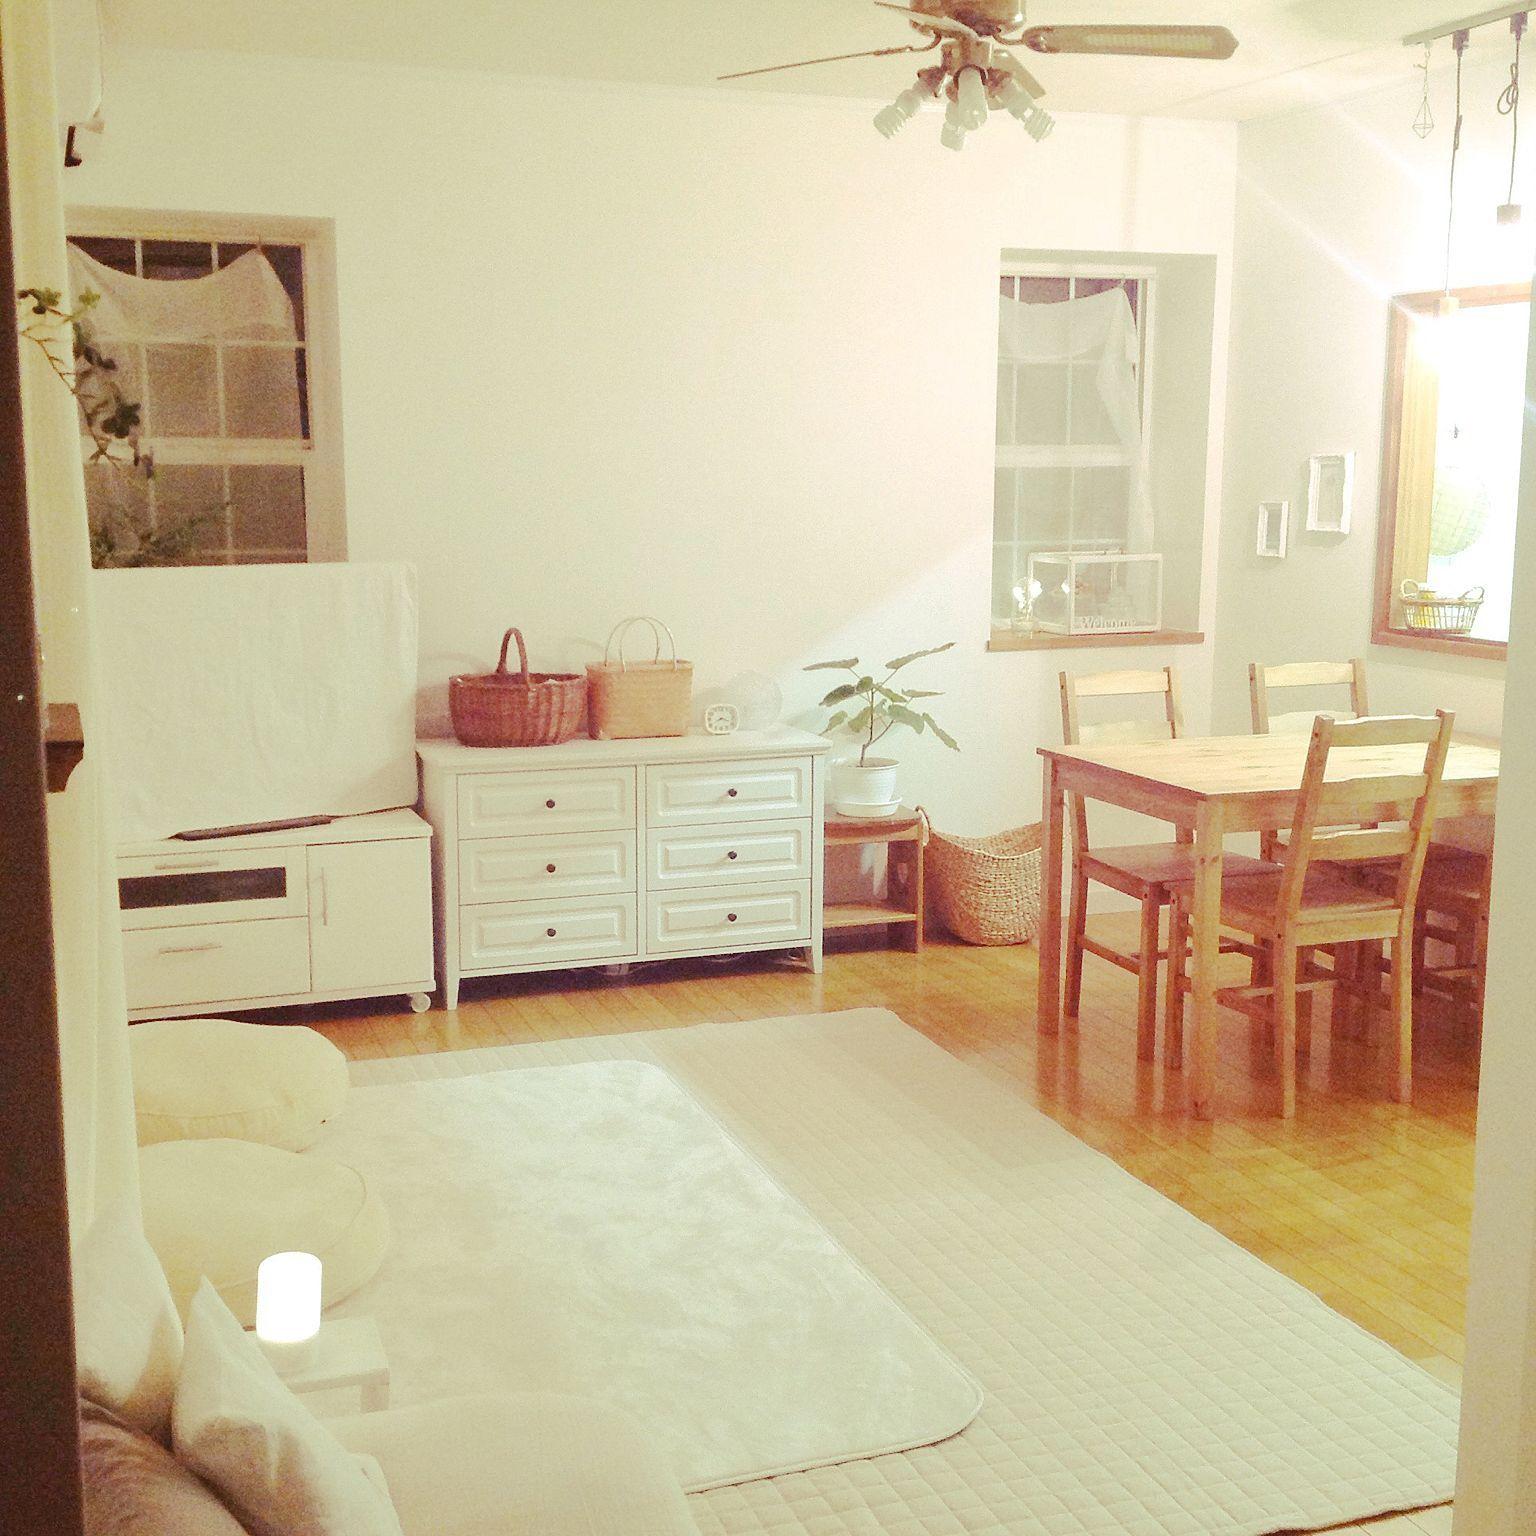 部屋全体 模様替え ダイニングテーブル もちもちクッション 照明